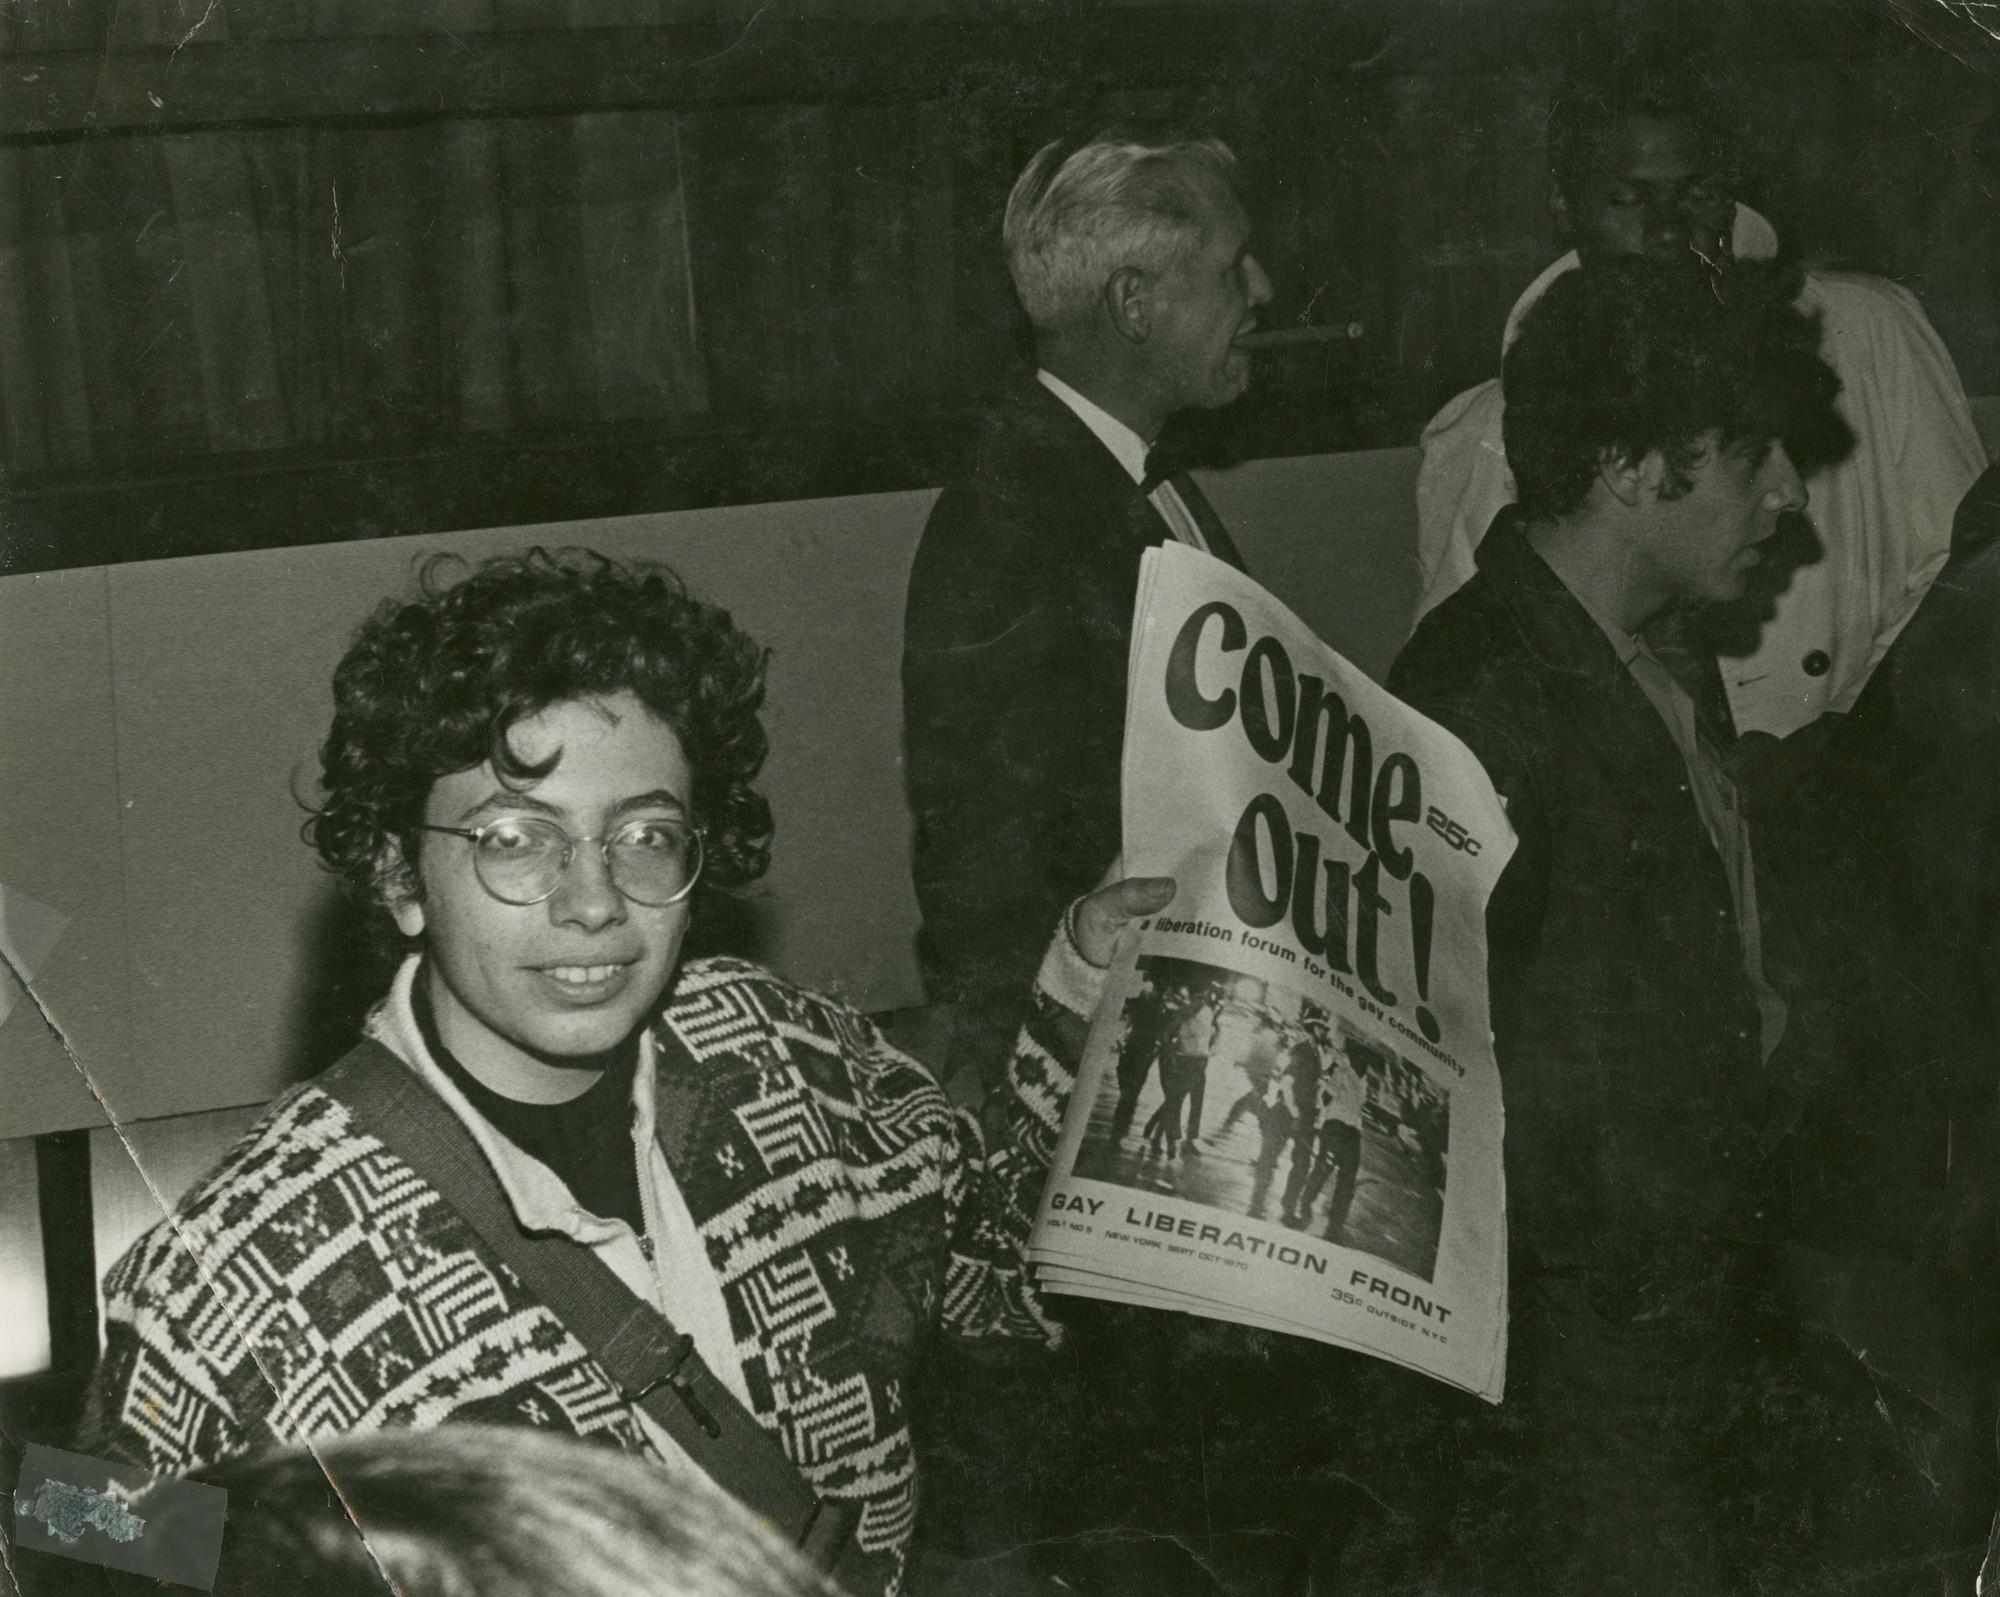 17 bức ảnh lịch sử về hành trình thay đổi của cộng đồng LGBT tại Mỹ - Ảnh 13.